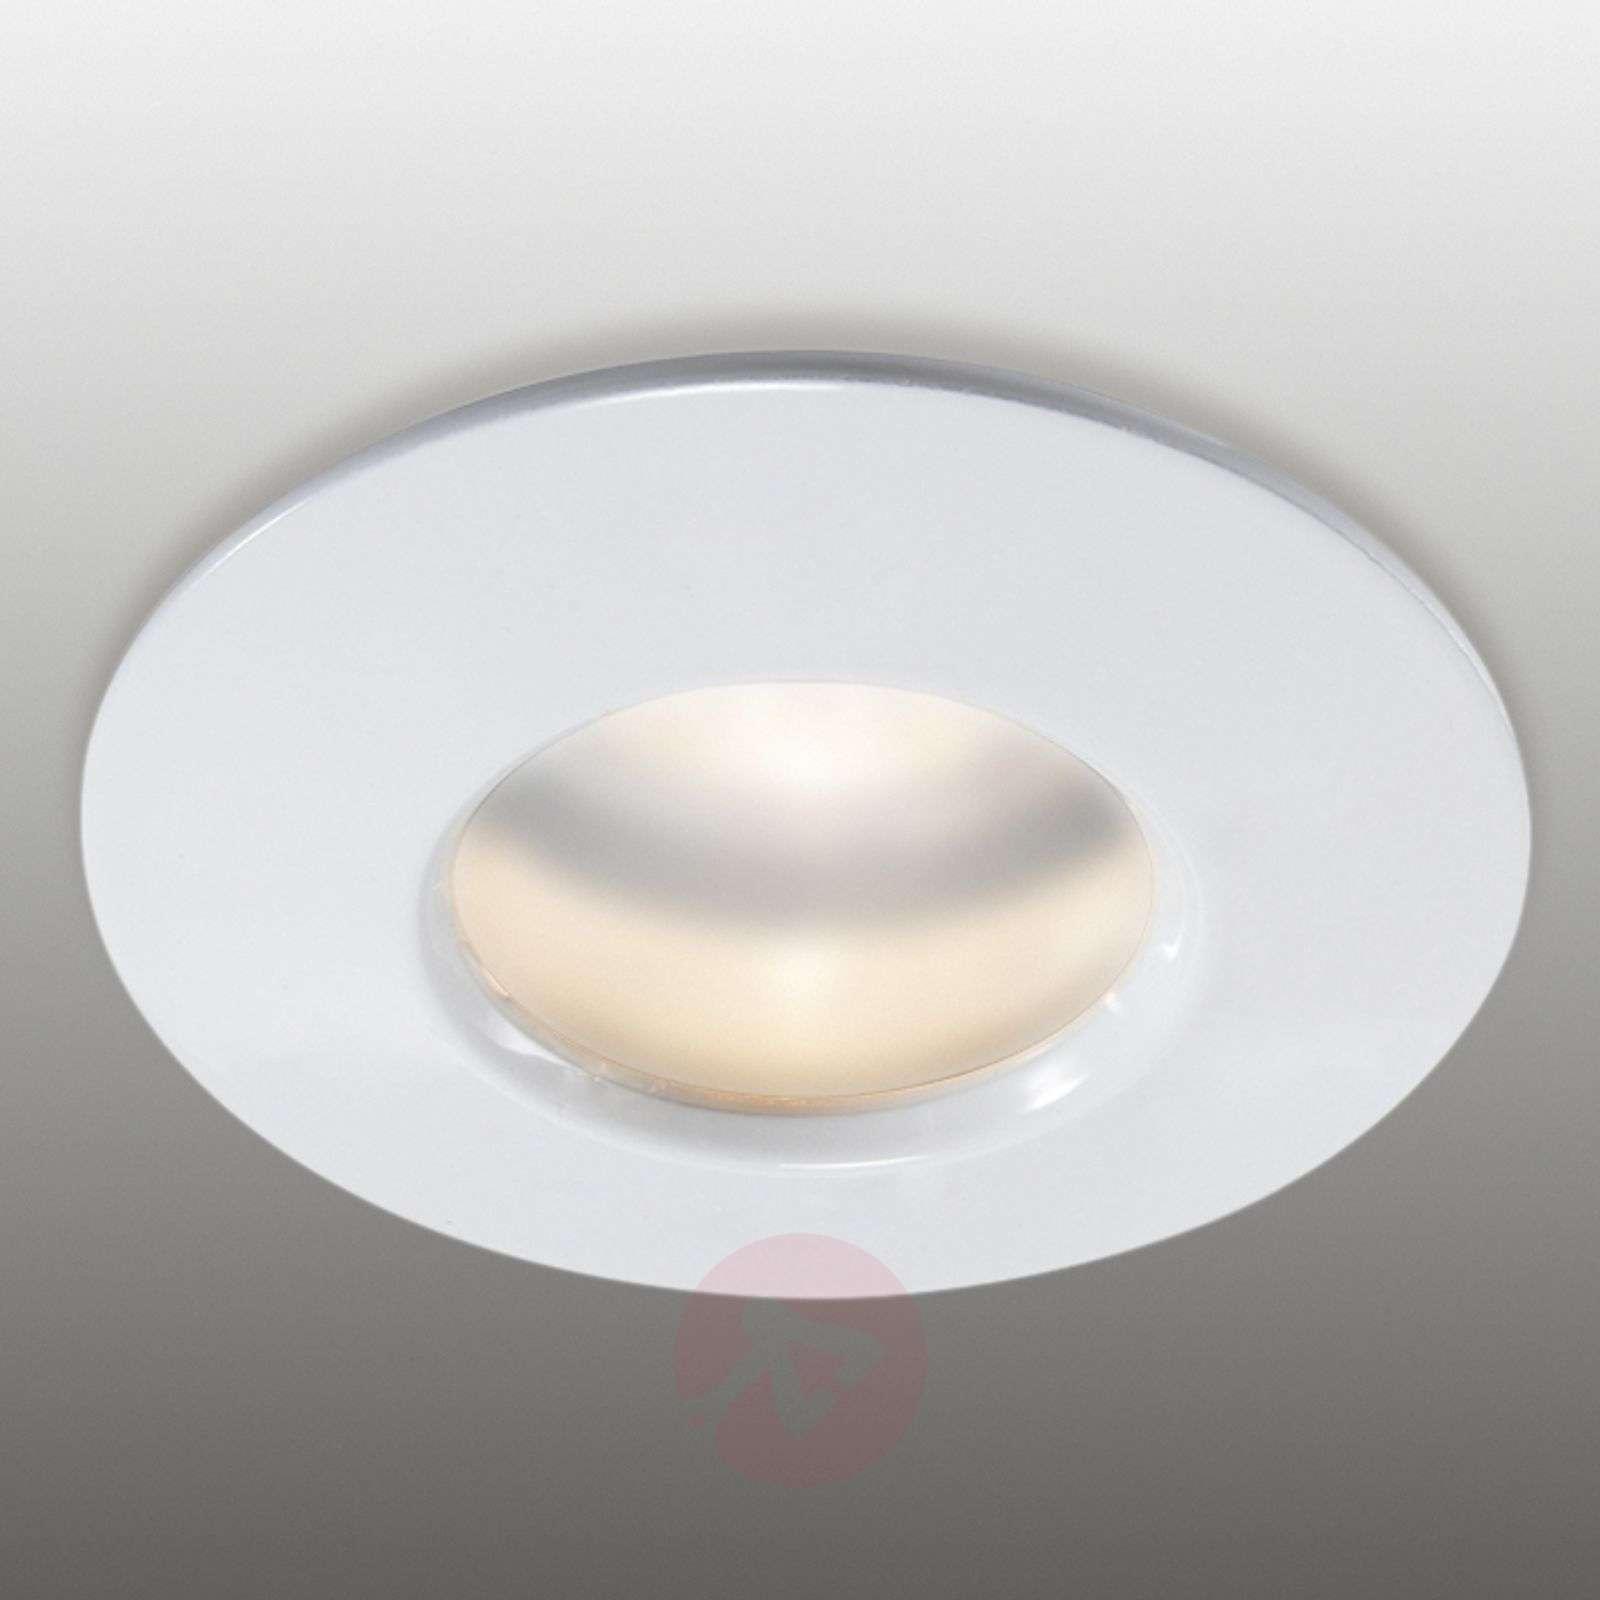 Kiinteä valkoinen upotusrengas-2501604-02